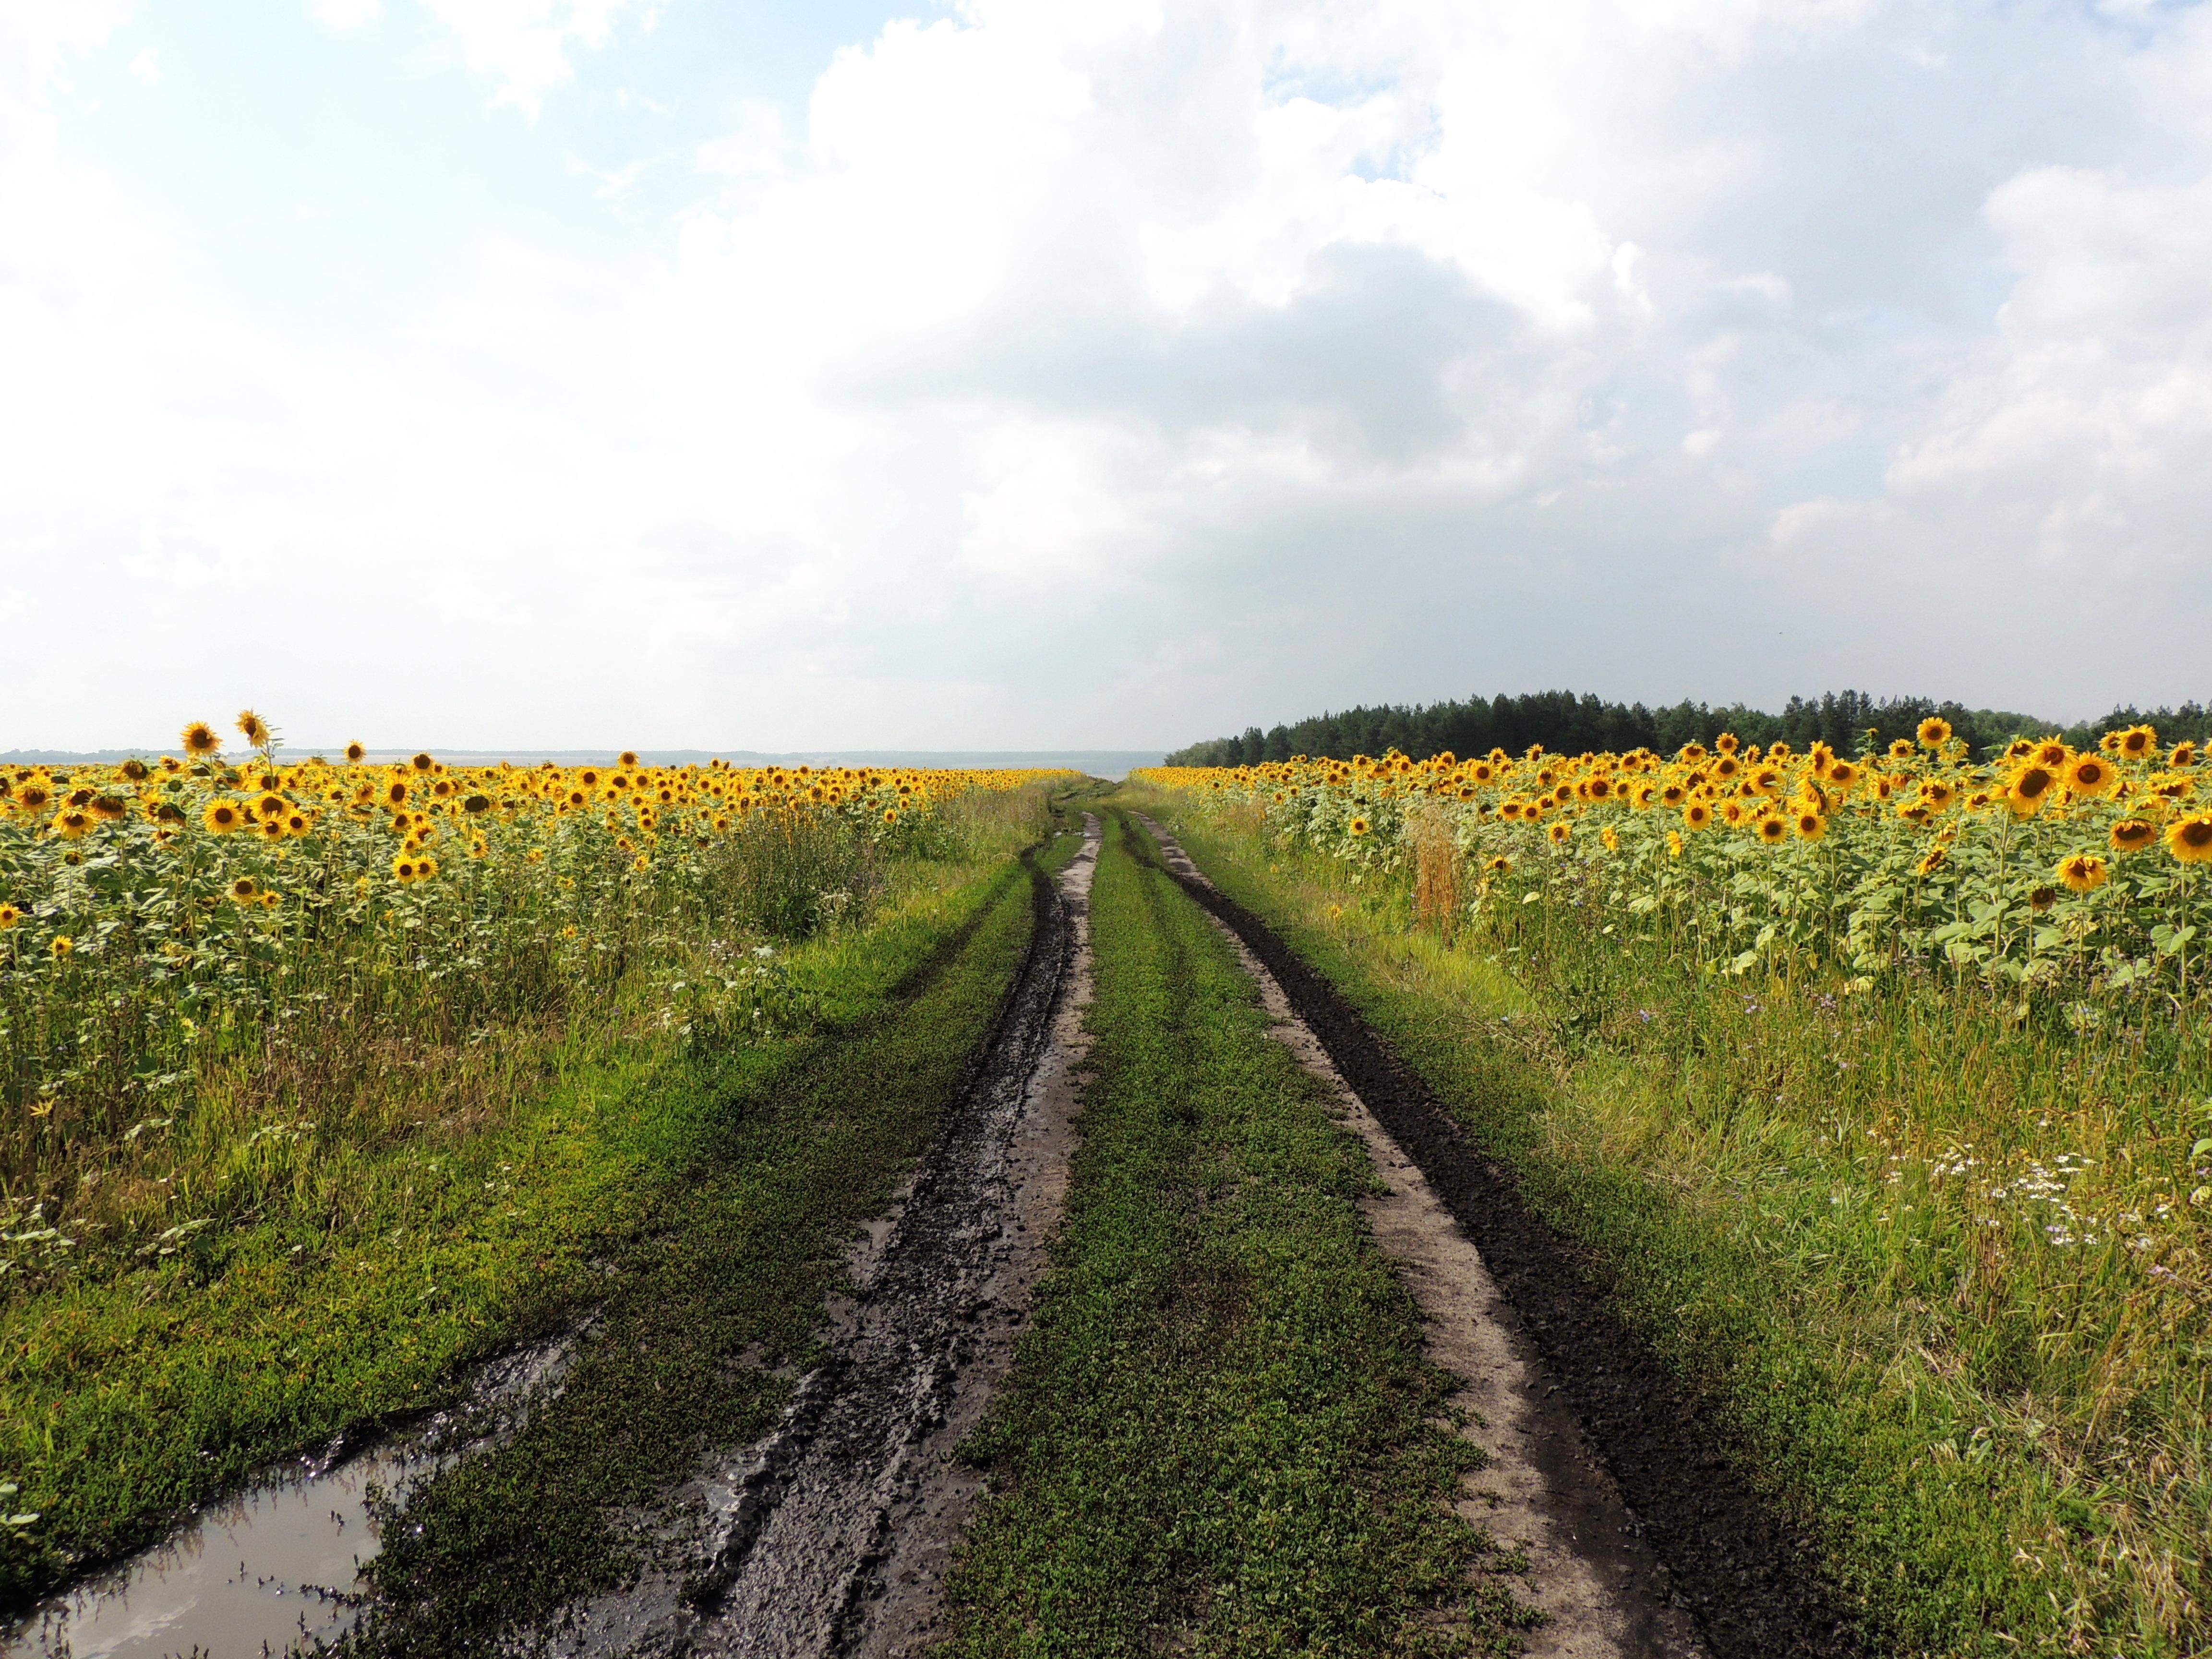 серьезная картинка рядом с полем благодаря натуральности